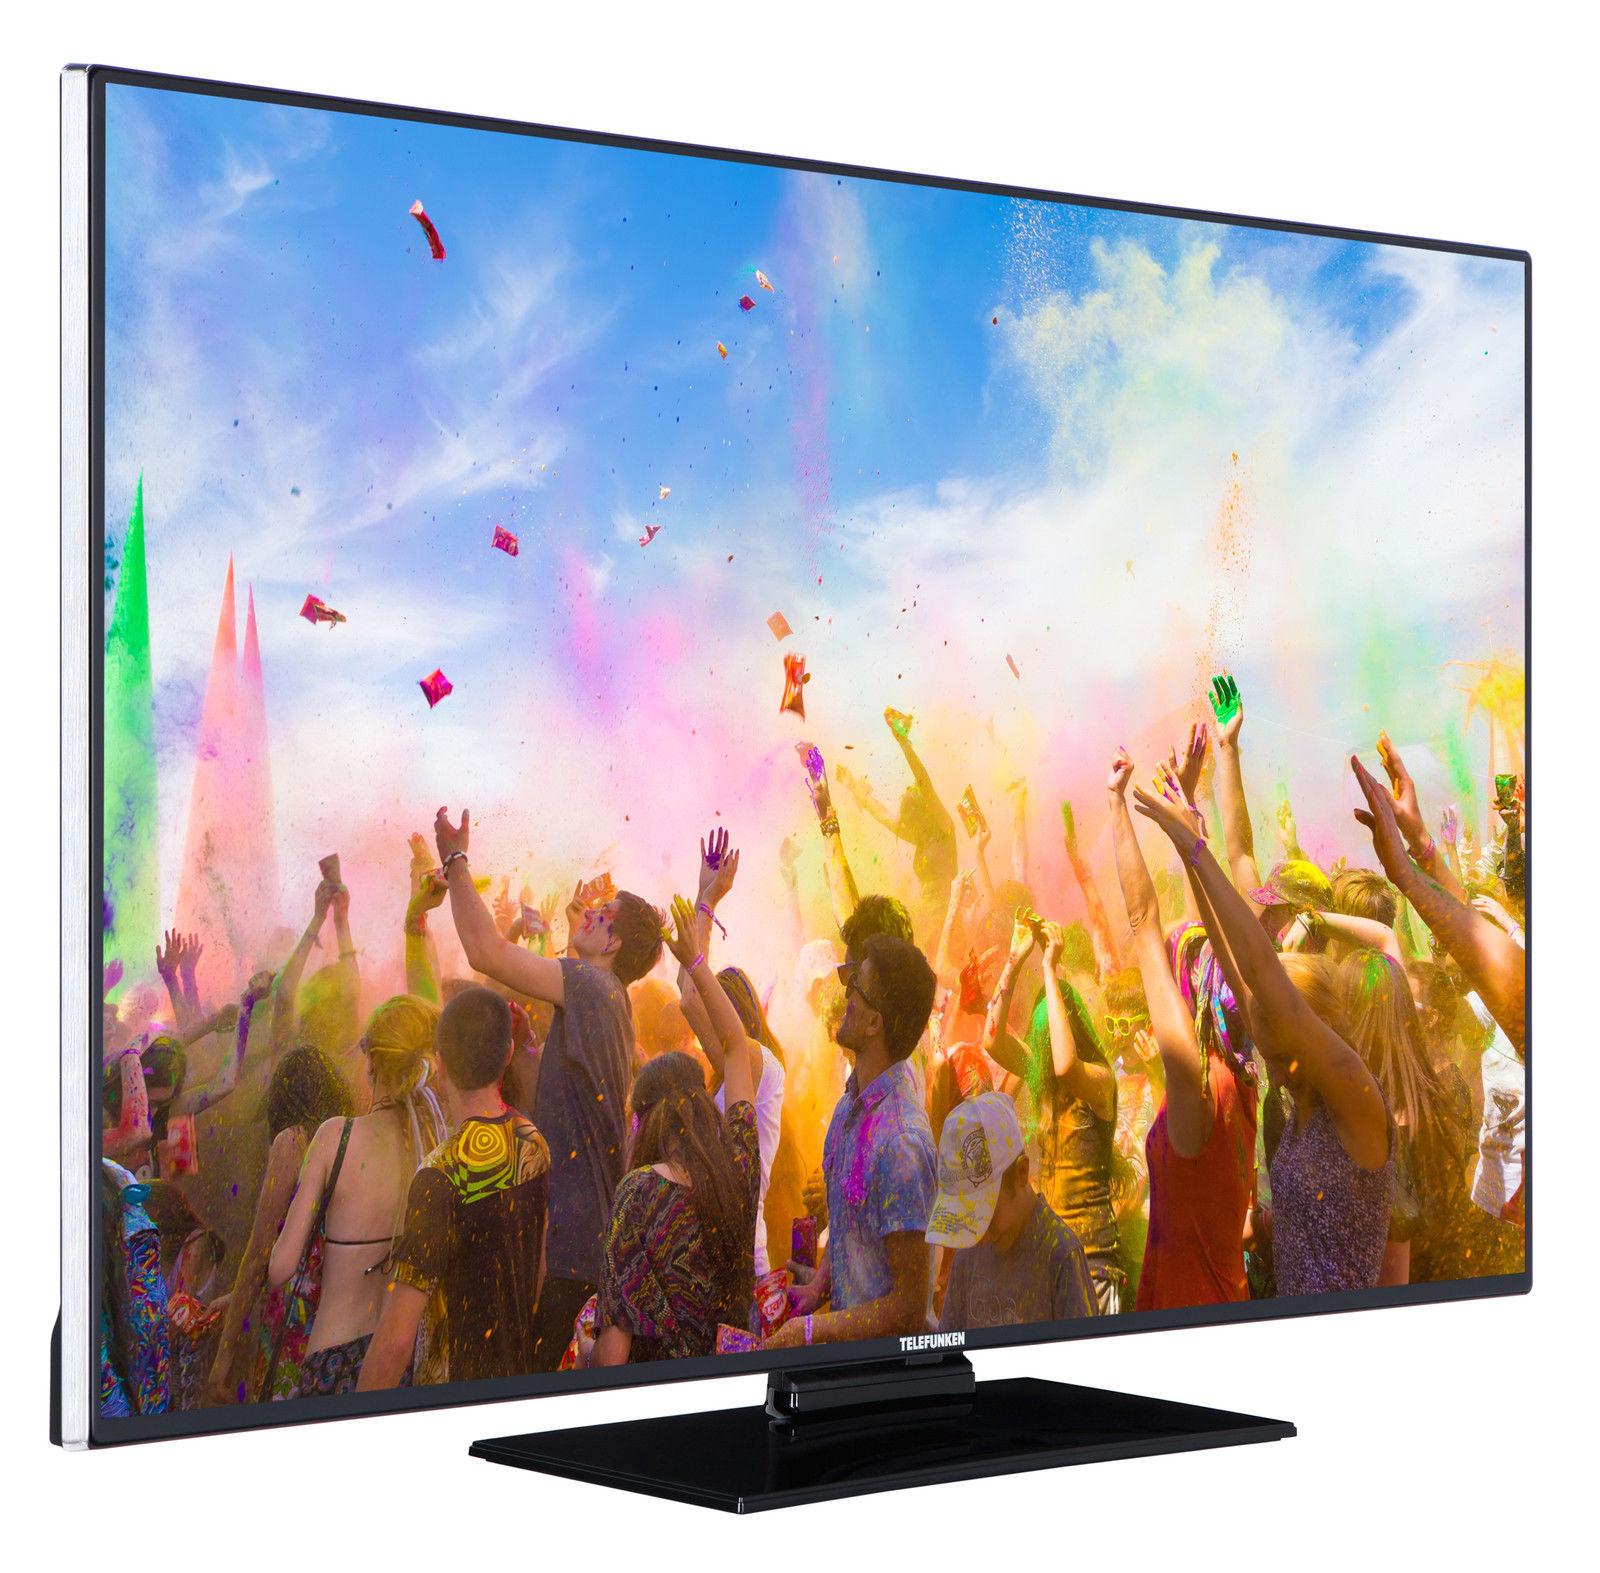 """eBay 15% Aktion: Telefunken L48F249N3C-3D LED Fernseher 48"""" Zoll TV Full HD @340 Euro inkl. Versand"""